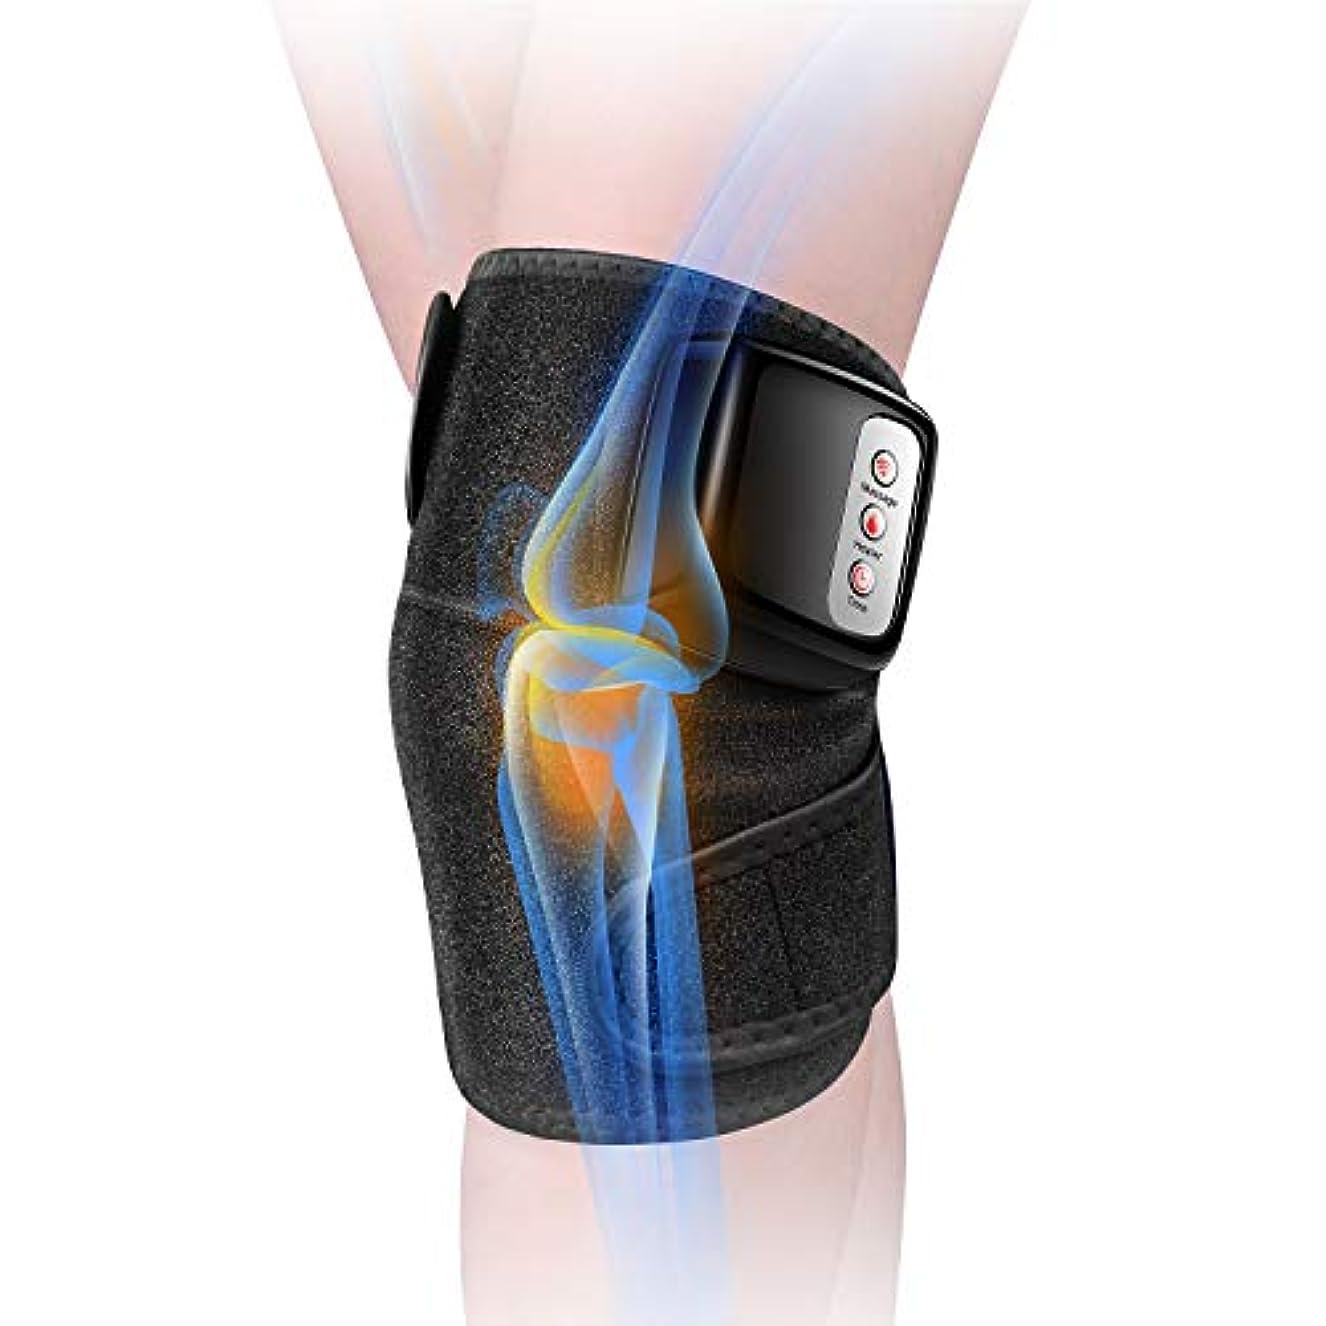 こっそり千推論膝マッサージャー 関節マッサージャー マッサージ器 フットマッサージャー 振動 赤外線療法 温熱療法 膝サポーター ストレス解消 肩 太もも/腕対応